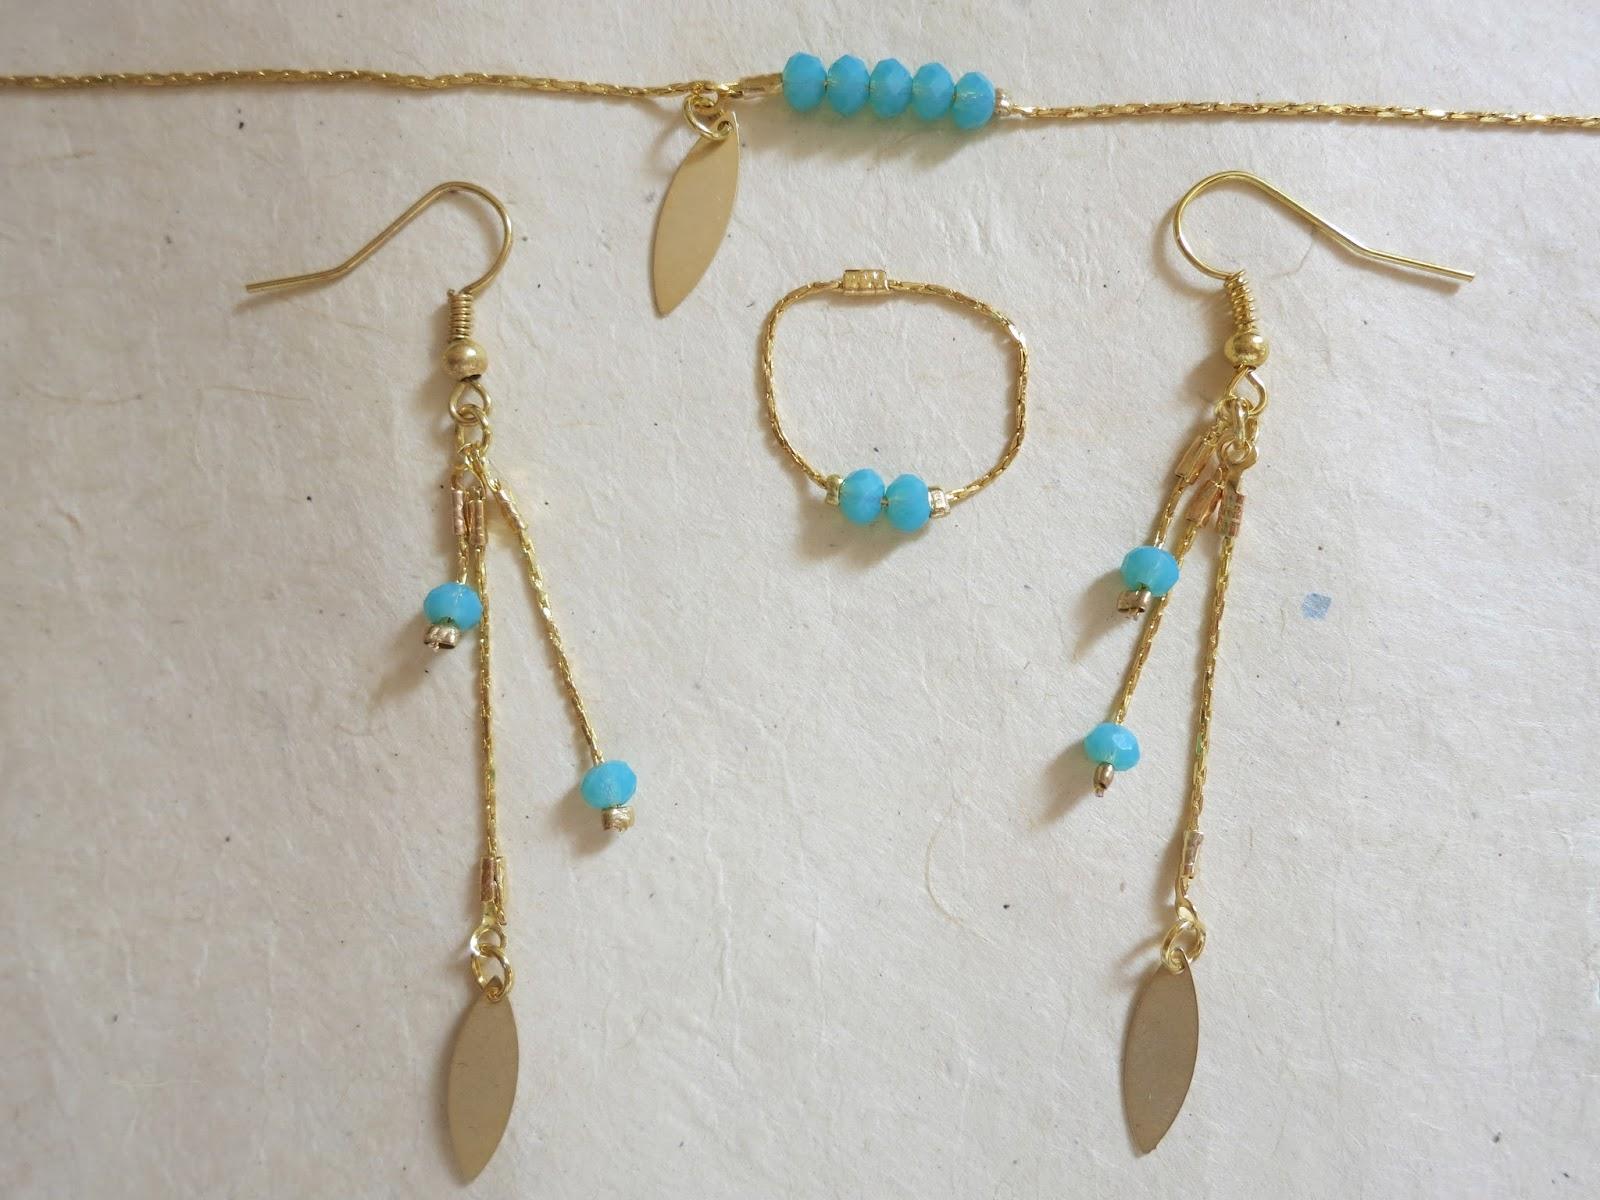 L 39 atelier de kalua tuto bijou 3 une parure dor e et turquoise les boucles d 39 oreille - Tuto boucle d oreille perle ...